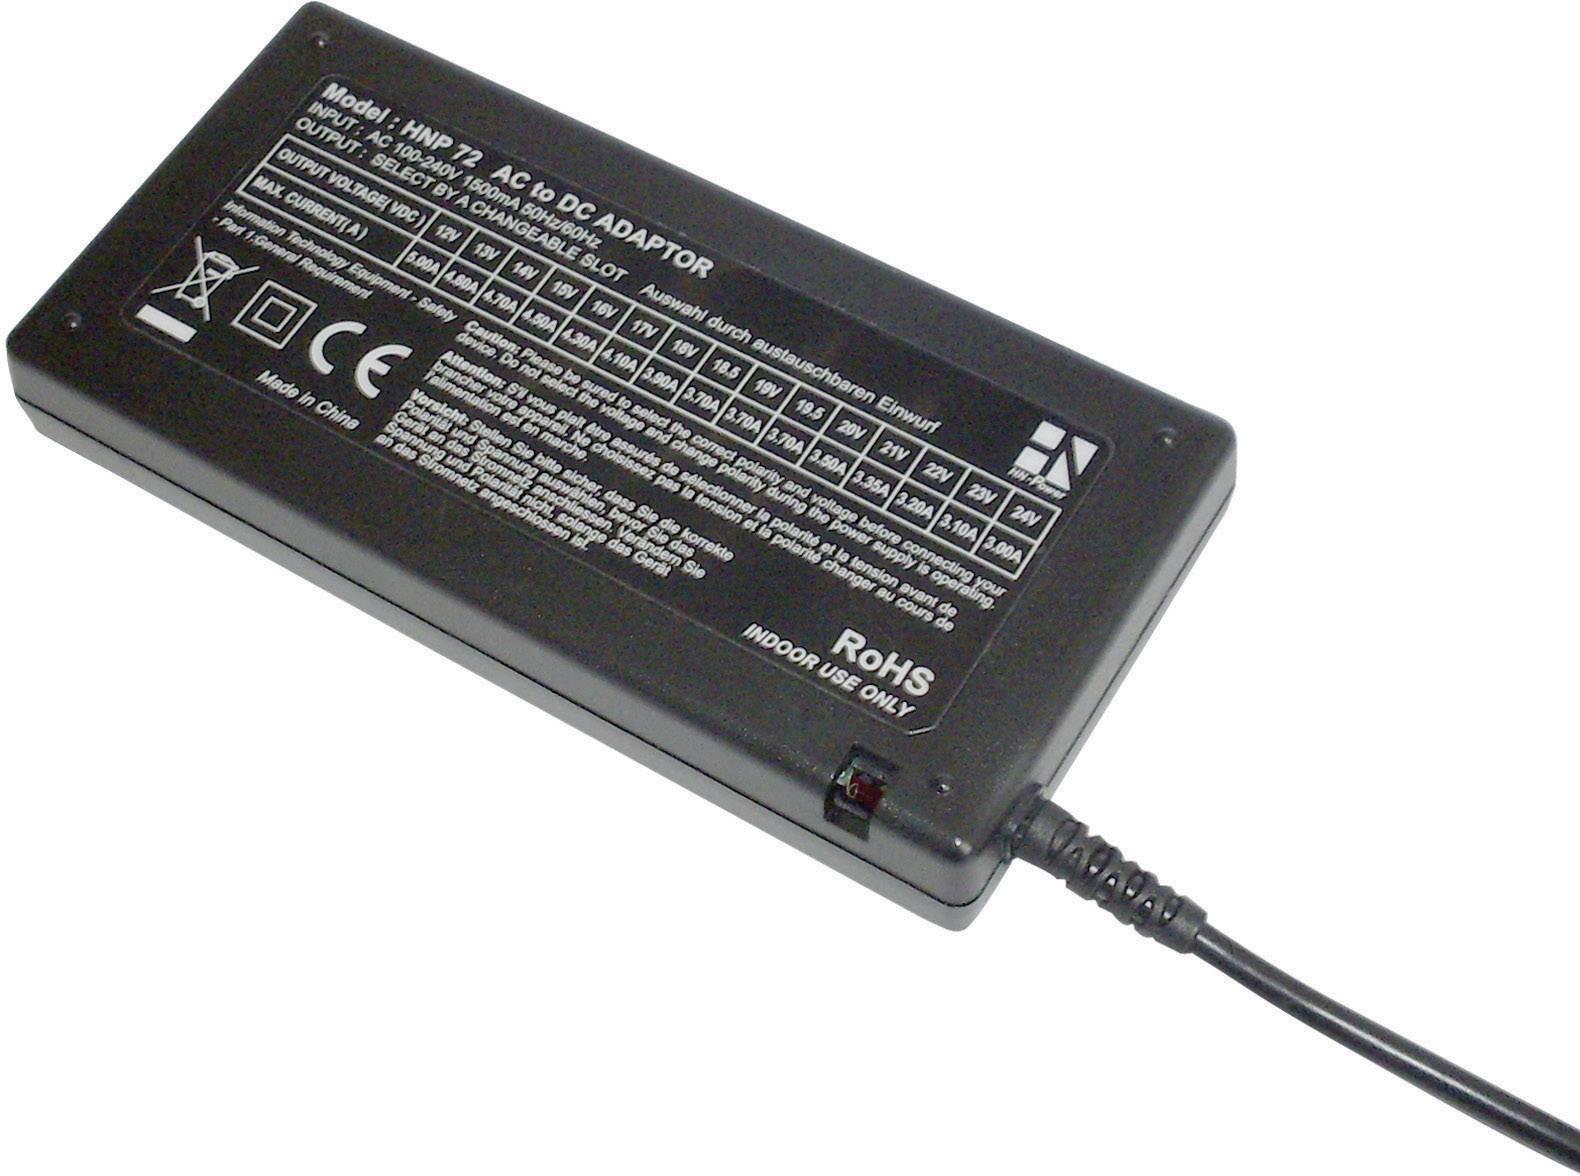 Univerzální síťový adaptér HN Power HNP72-Uni, 12 - 24 VDC, 72 W